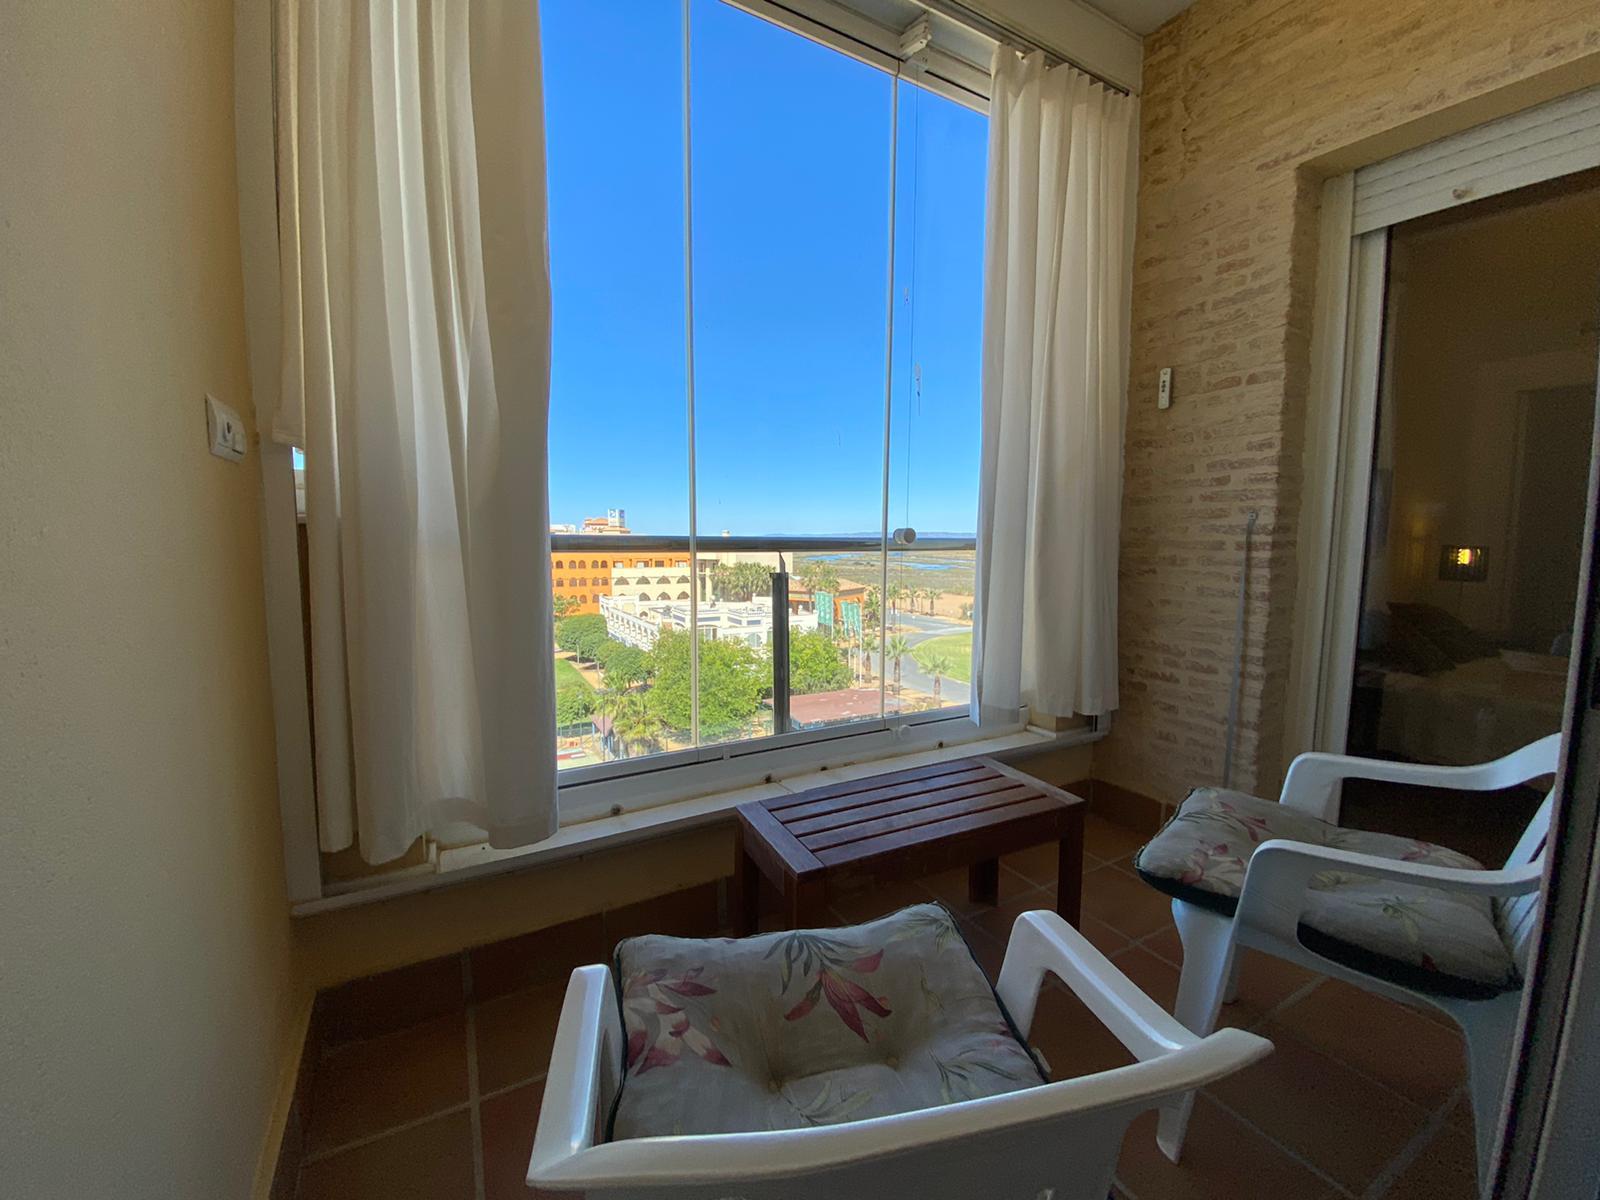 Imagen 26 del Apartamento Turístico, Ático 8 Poniente (3d+2b), Punta del Moral (HUELVA), Paseo de la Cruz nº22